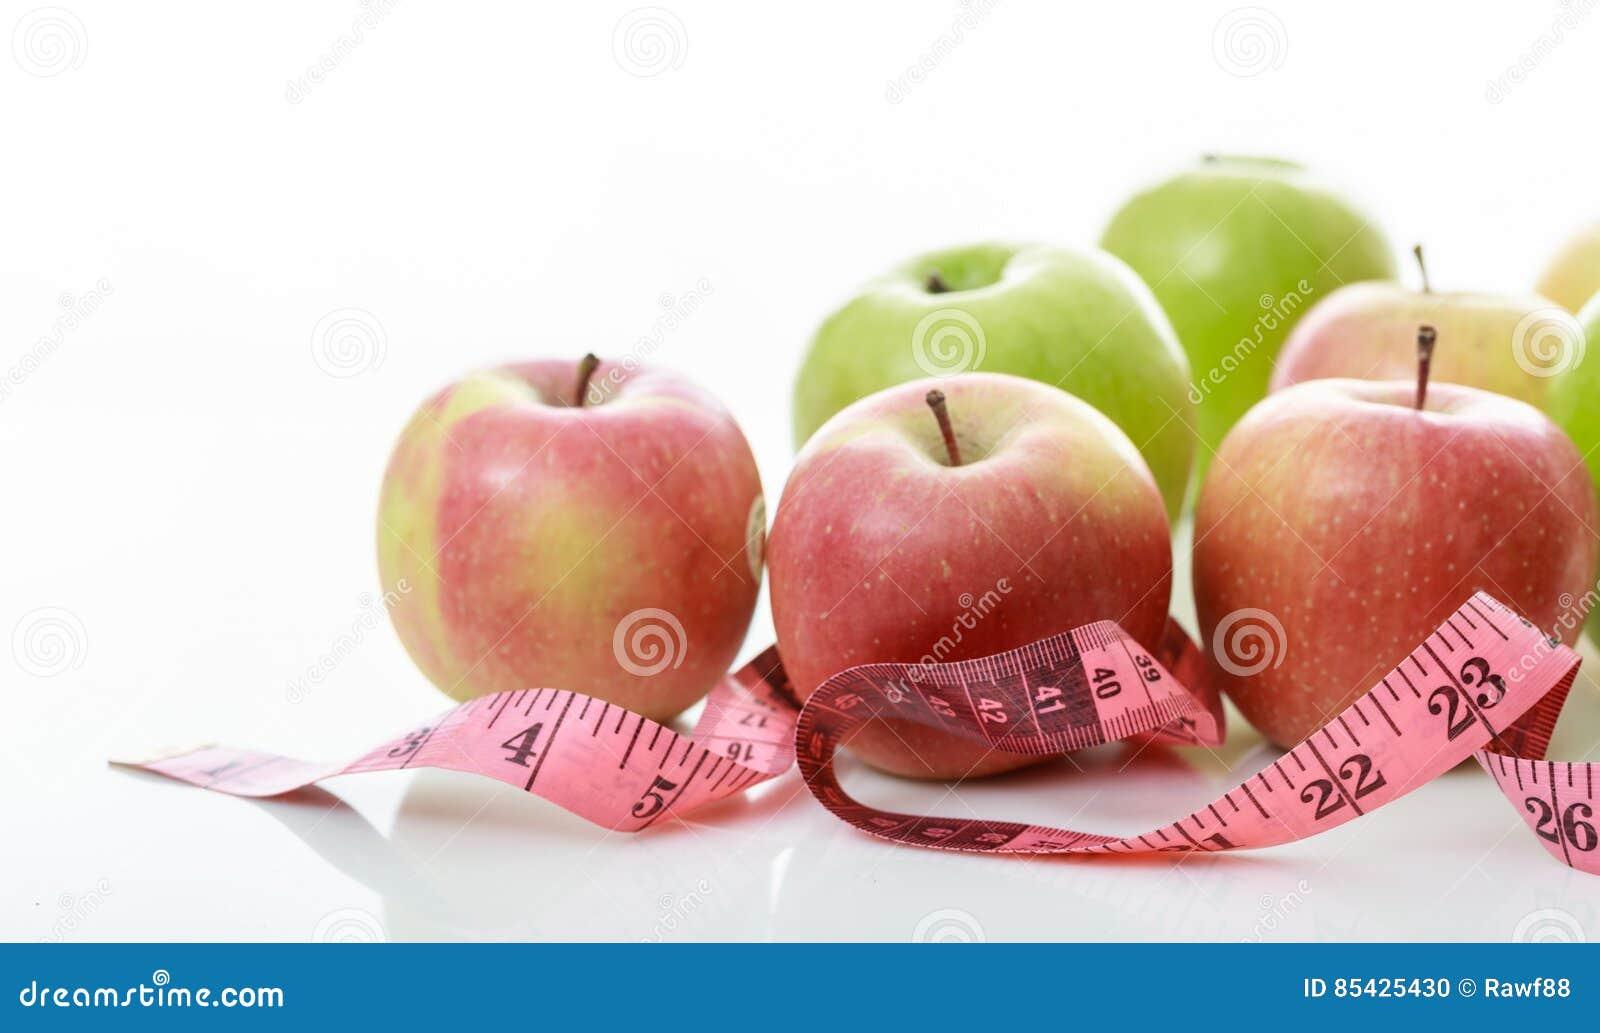 Μήλα και ταινία μέτρου στο άσπρο υπόβαθρο